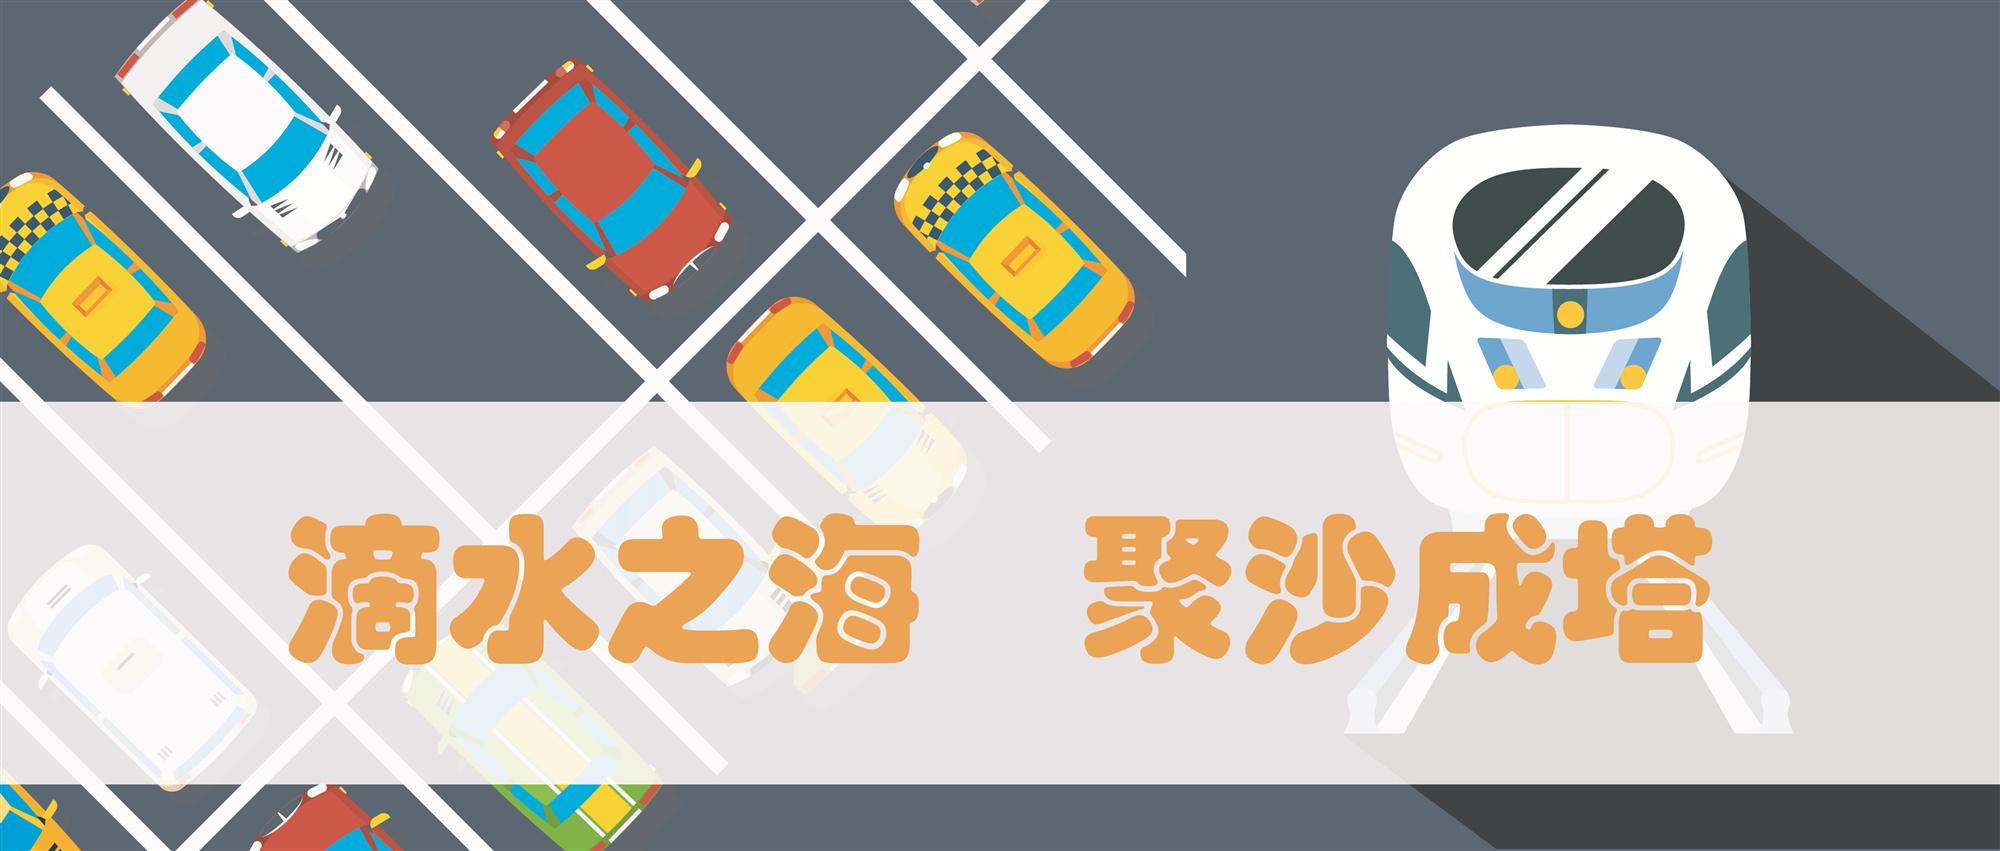 滴水之海 聚沙成塔——尚安停车助力虹桥西交智慧化运营